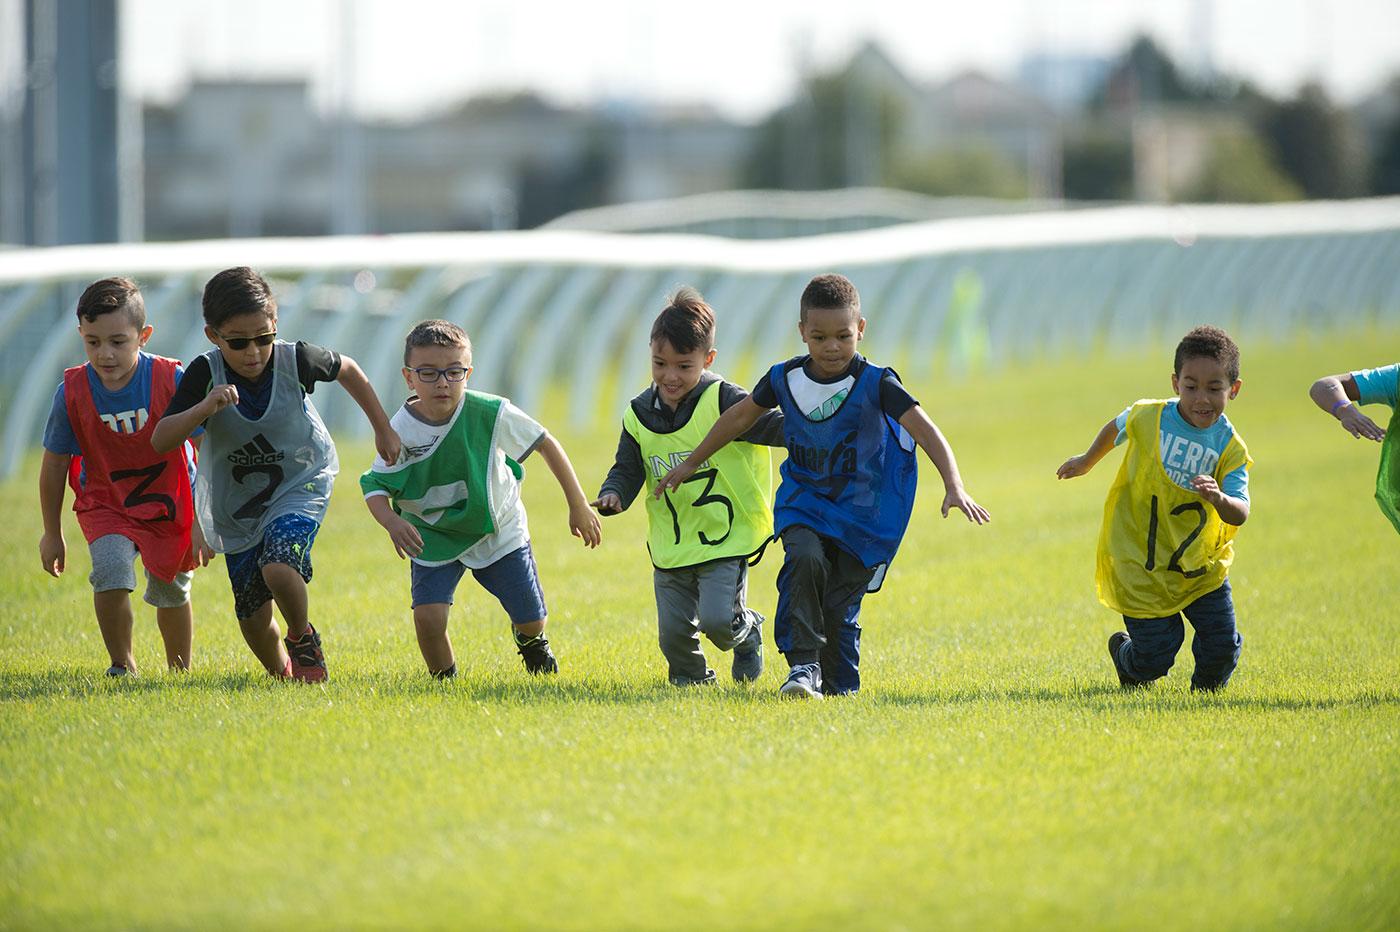 wegcare children running on woodbine turf track